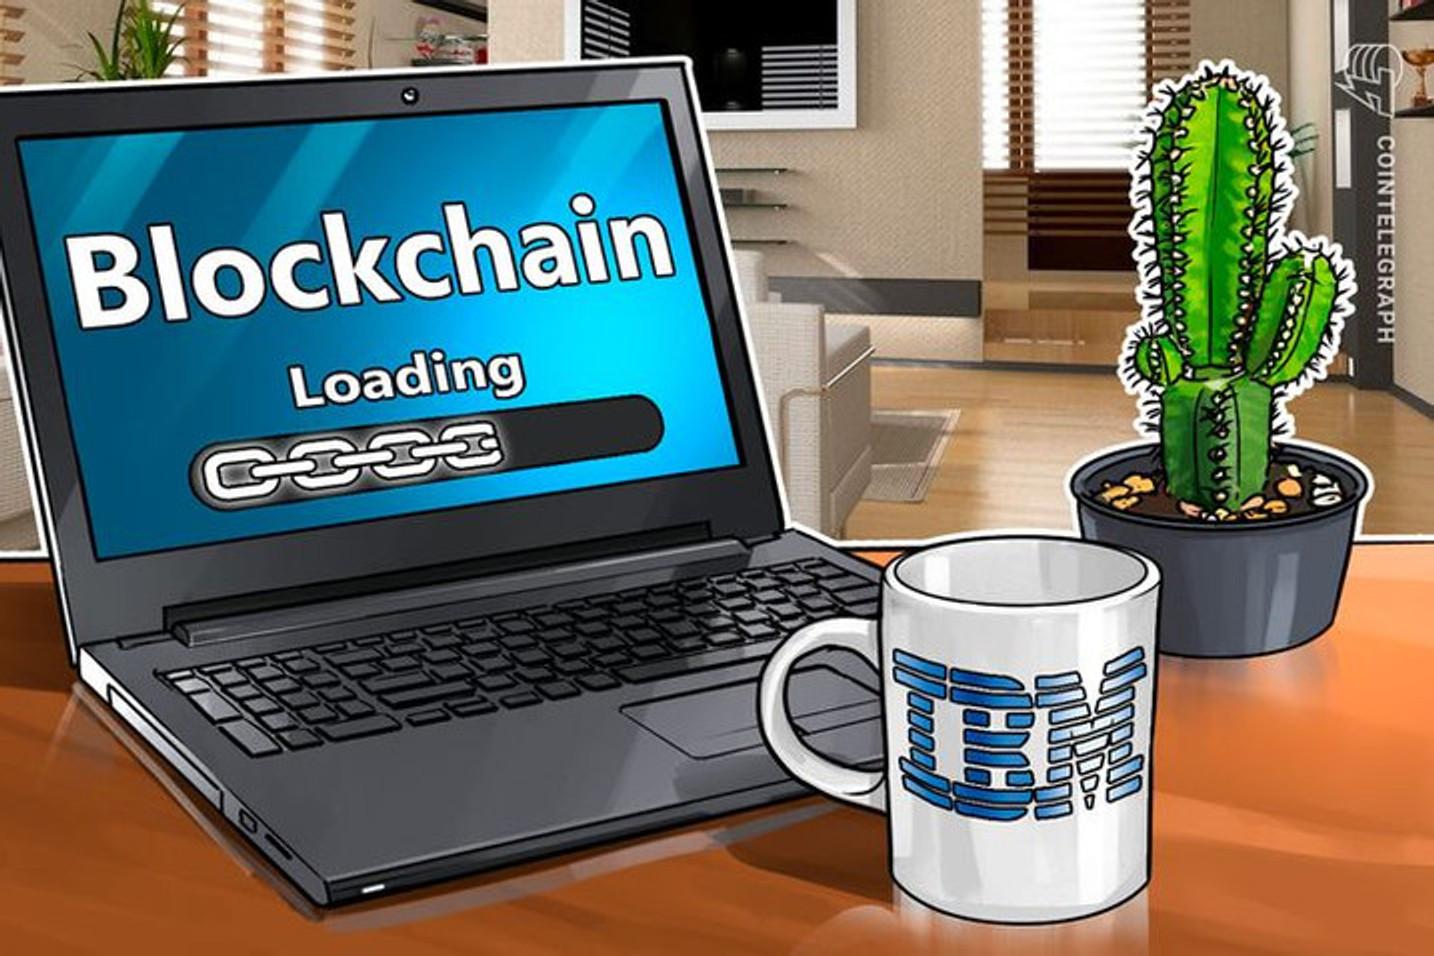 Gerente general de IBM para América Latina afirma que blockchain se presenta como fundamental tras la pandemia